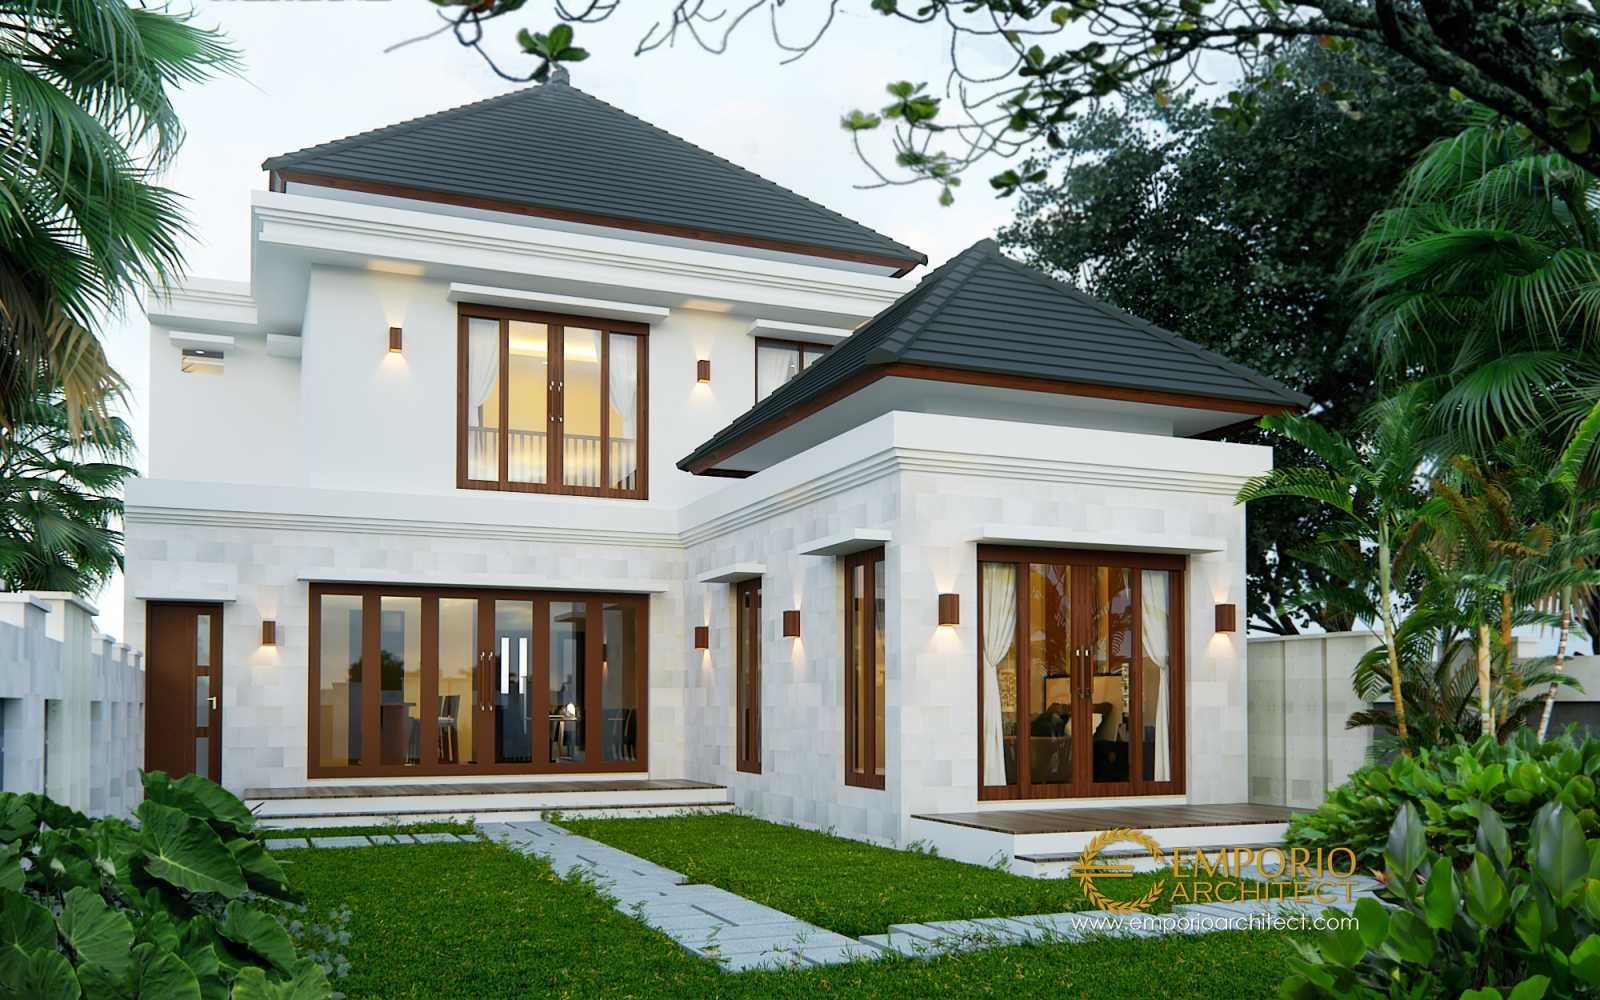 Emporio Architect Desain Rumah Villa Bali Tropis 454 @ Batam Batam, Kota Batam, Kepulauan Riau, Indonesia Batam, Kota Batam, Kepulauan Riau, Indonesia Emporio-Architect-Desain-Rumah-Villa-Bali-Tropis-454-Batam  77915